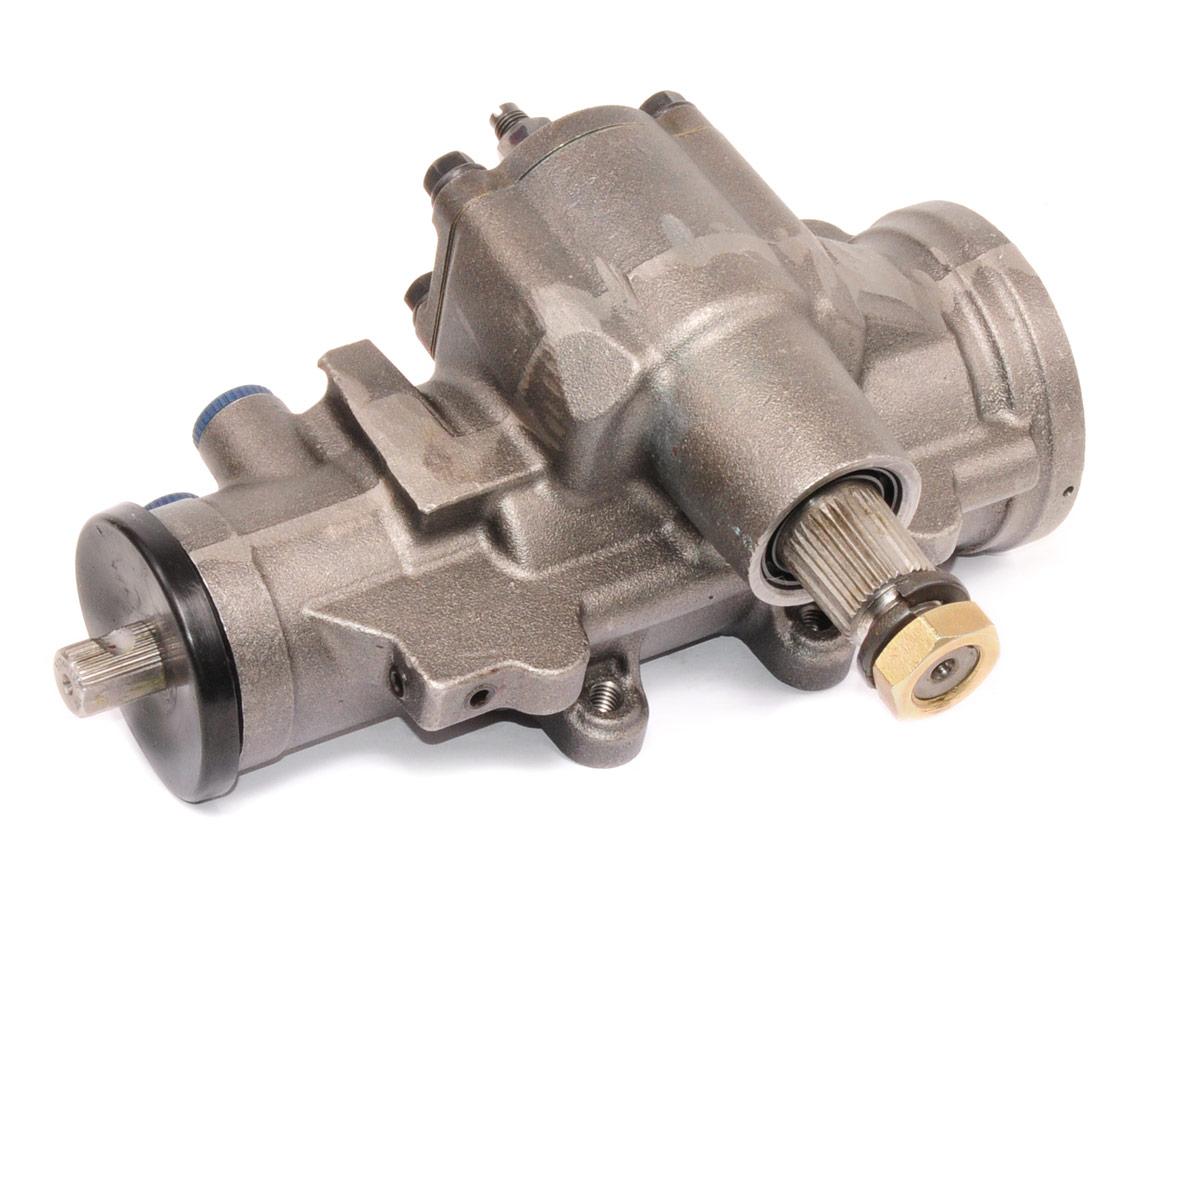 308323 Hyster Power Steering Gear